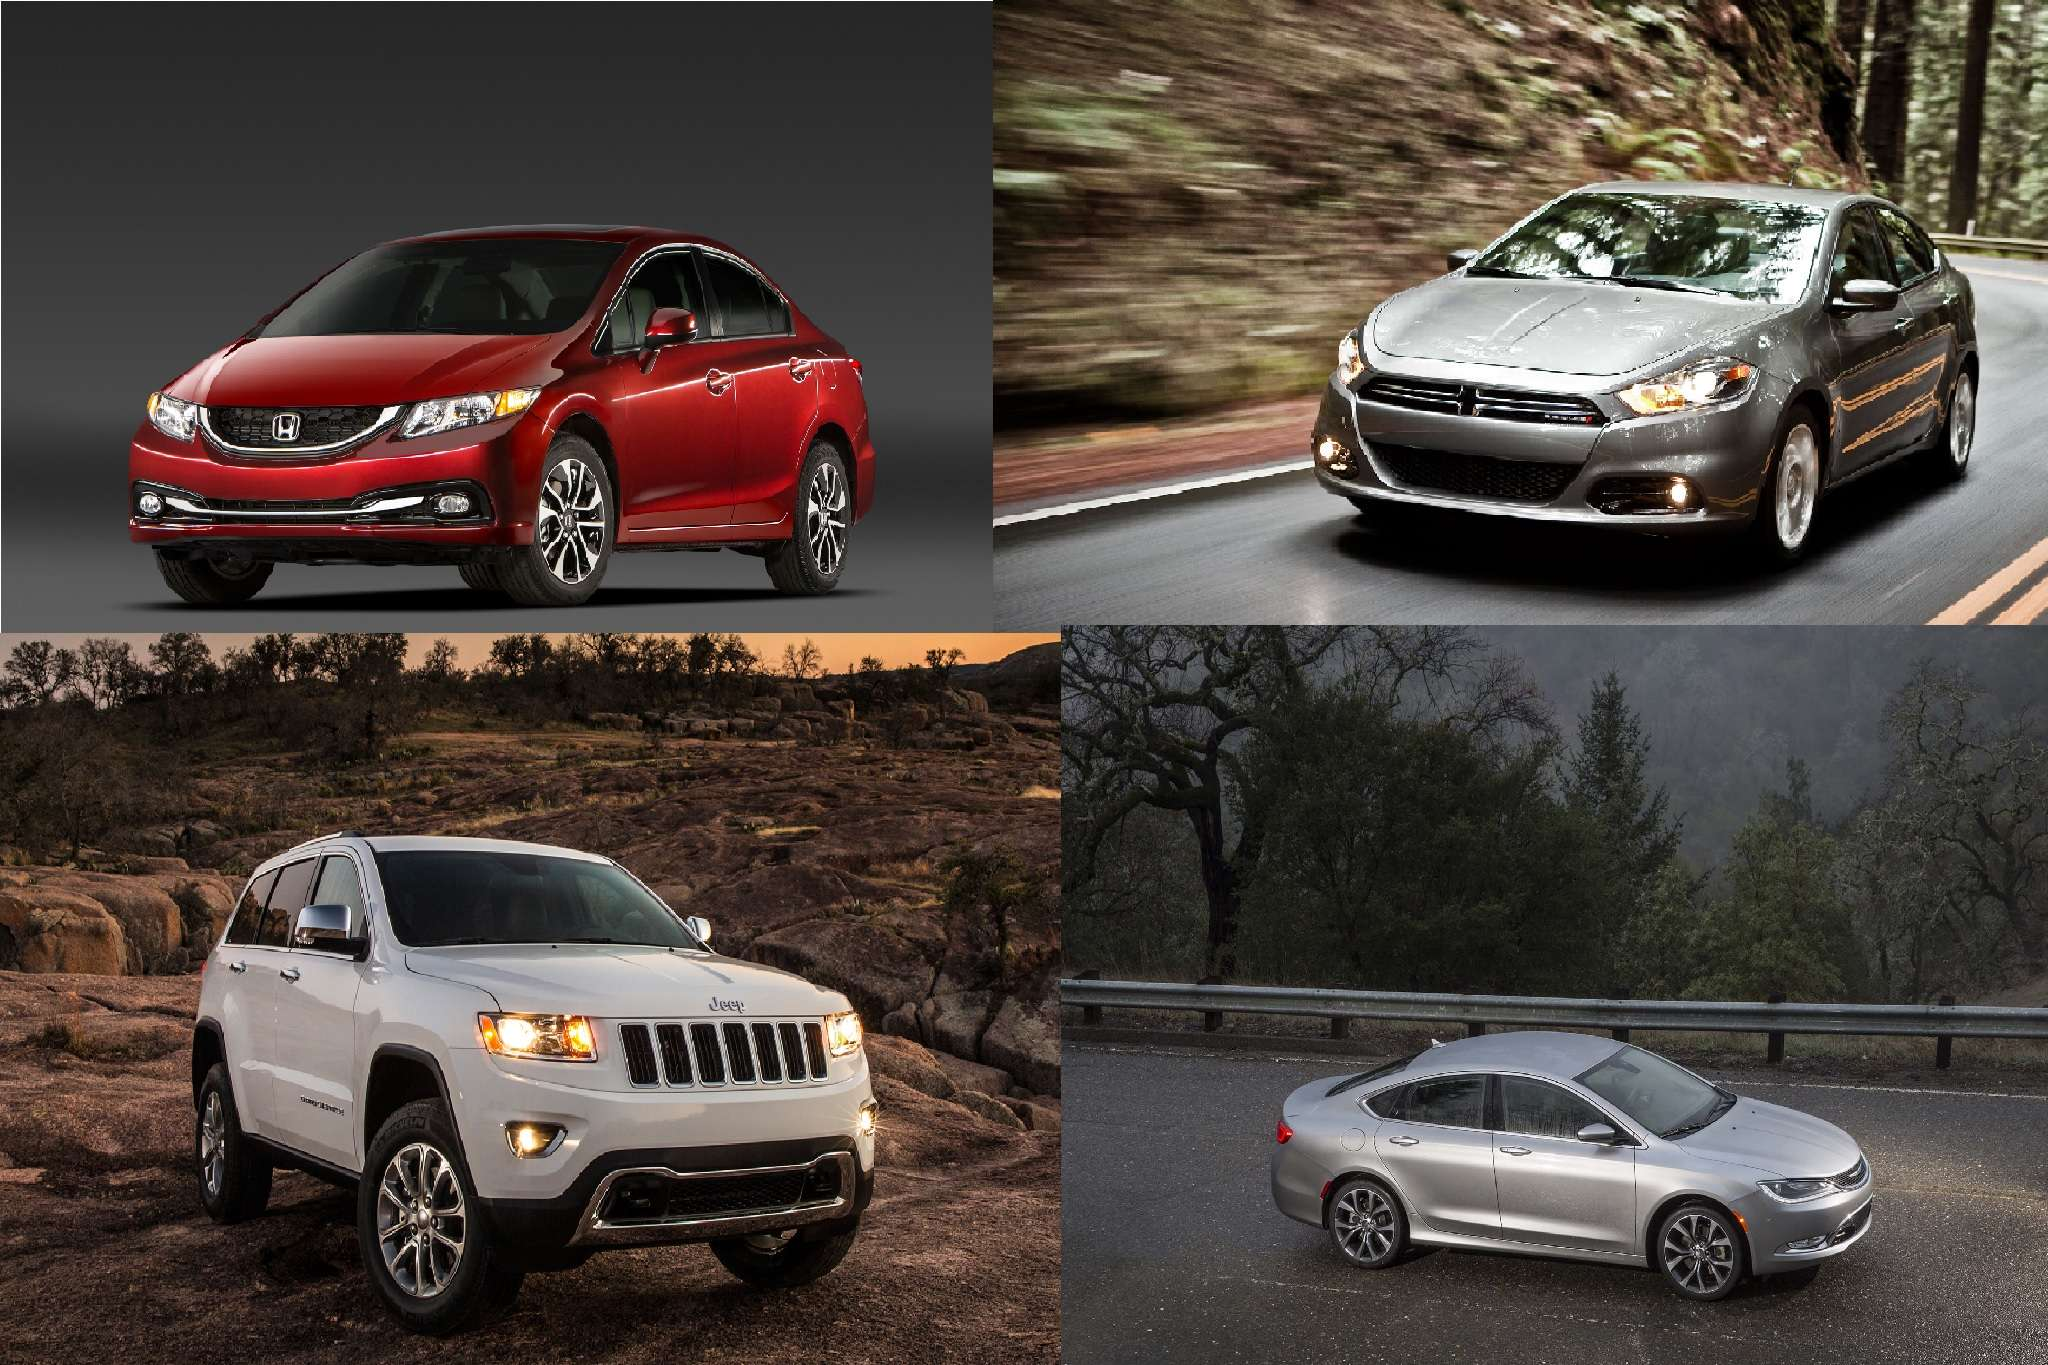 Estos autos han mejorado en comparación con su generación anterior. Conoce cuáles son. Foto: Autos Terra MotorTrend